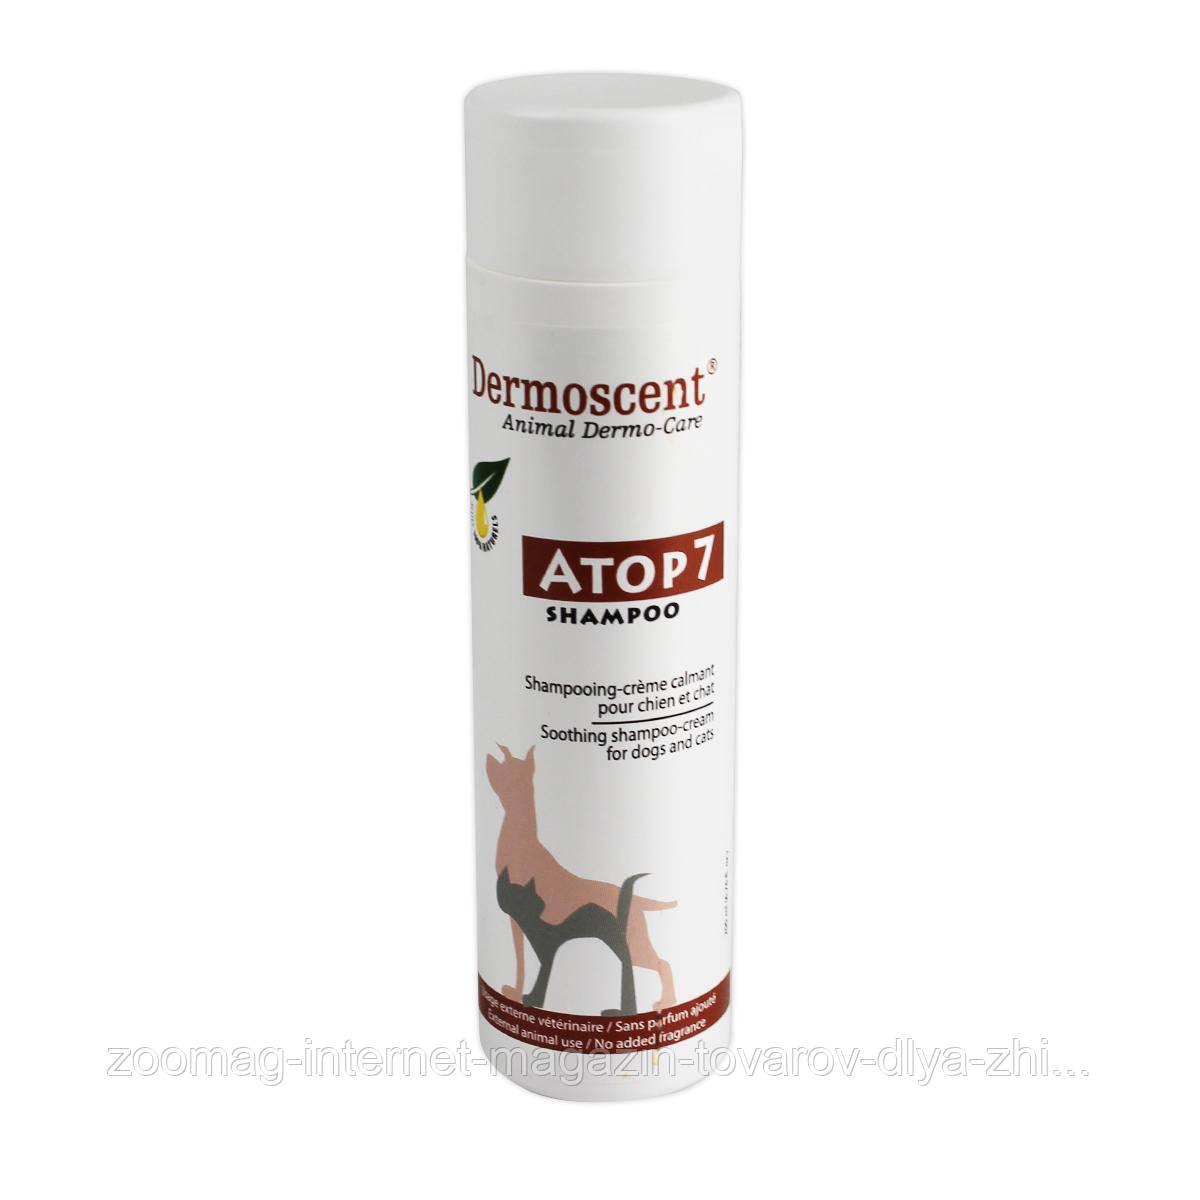 """Успокаивающий шампунь-крем для собак и кошек """"ATOP 7® Shampoo"""", Dermoscent™ (200мл)"""